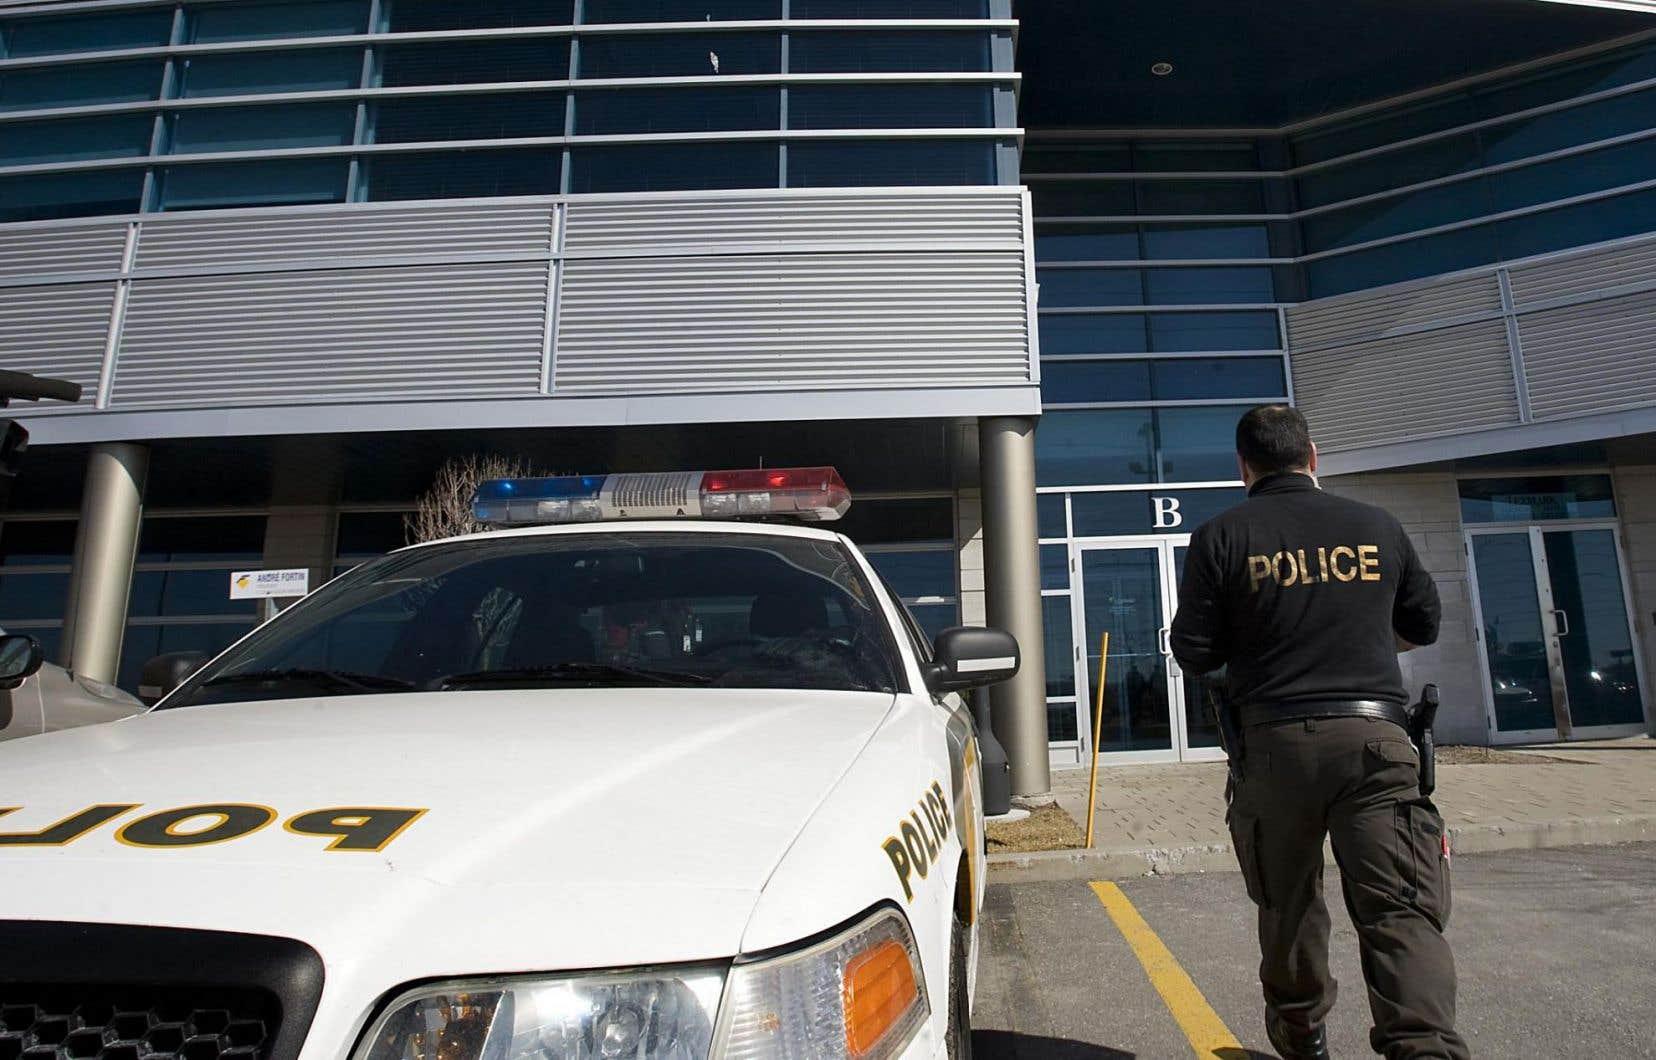 Dans les négociations entre le gouvernement et les policiers de la Sûreté du Québec concernant leur régime de retraite, certaines parties prenantes auraient évoqué l'hypothèse d'introduire des « clauses orphelines » comme issue aux désaccords.